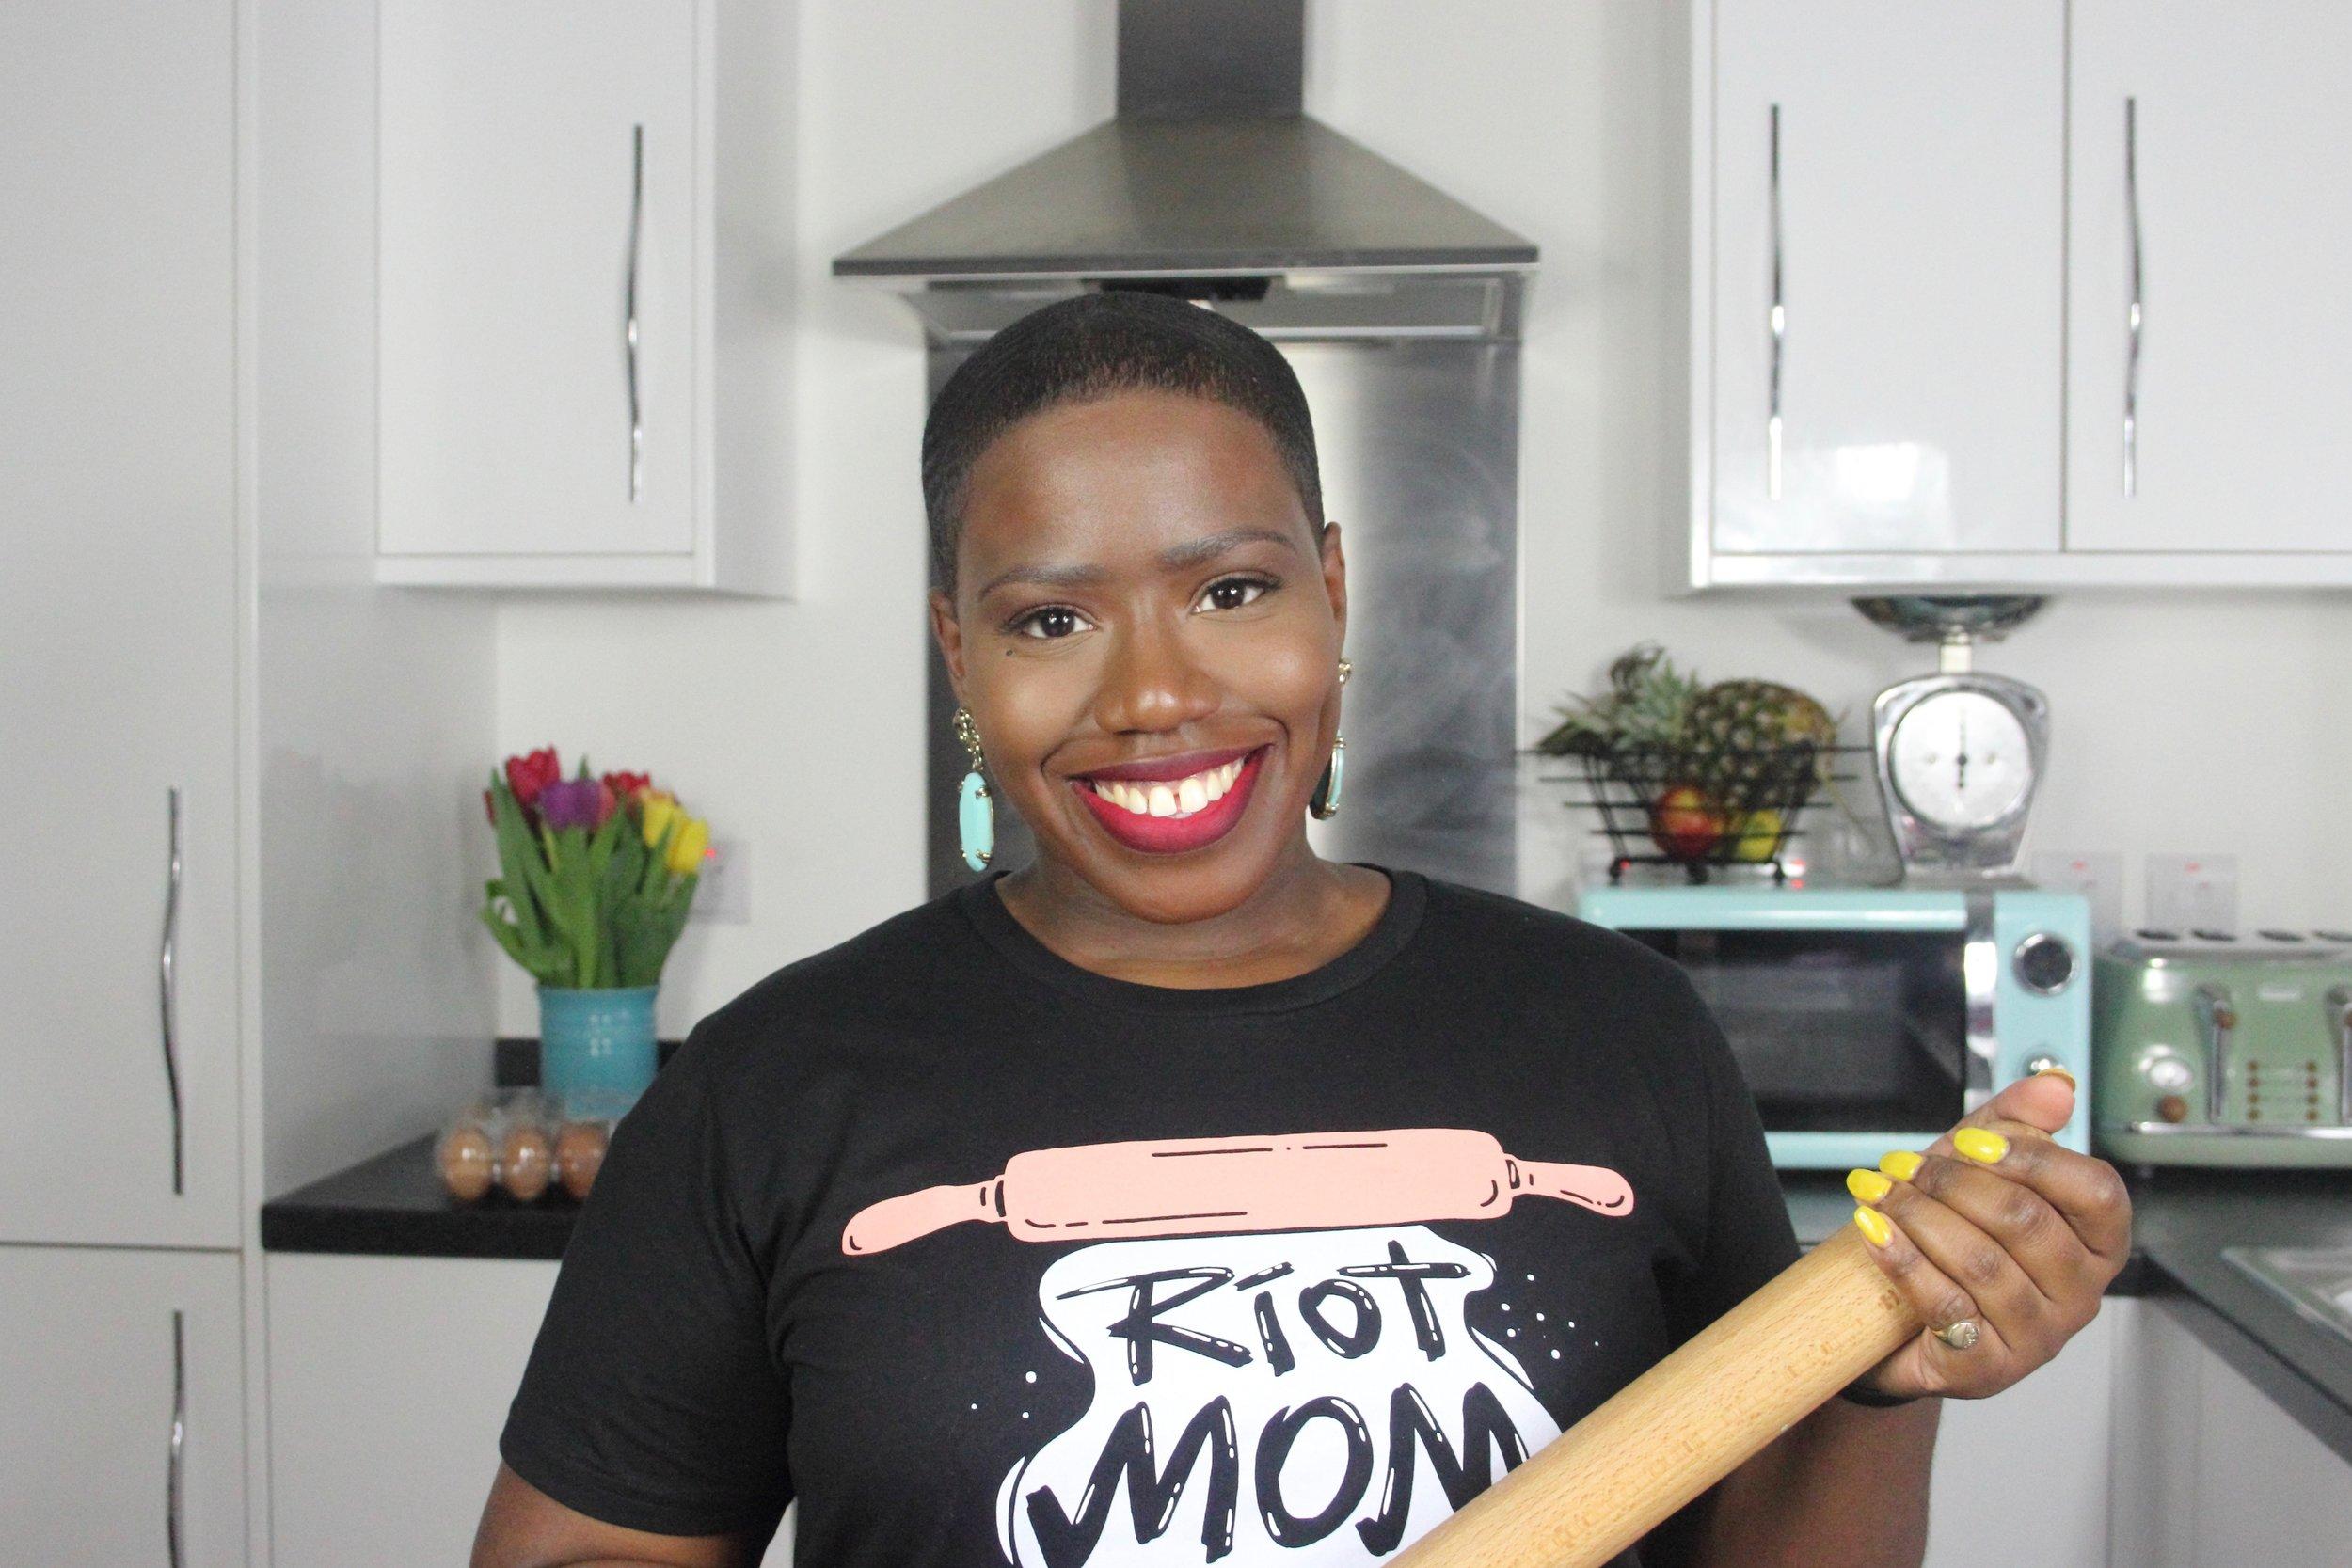 riot mom 2.jpg